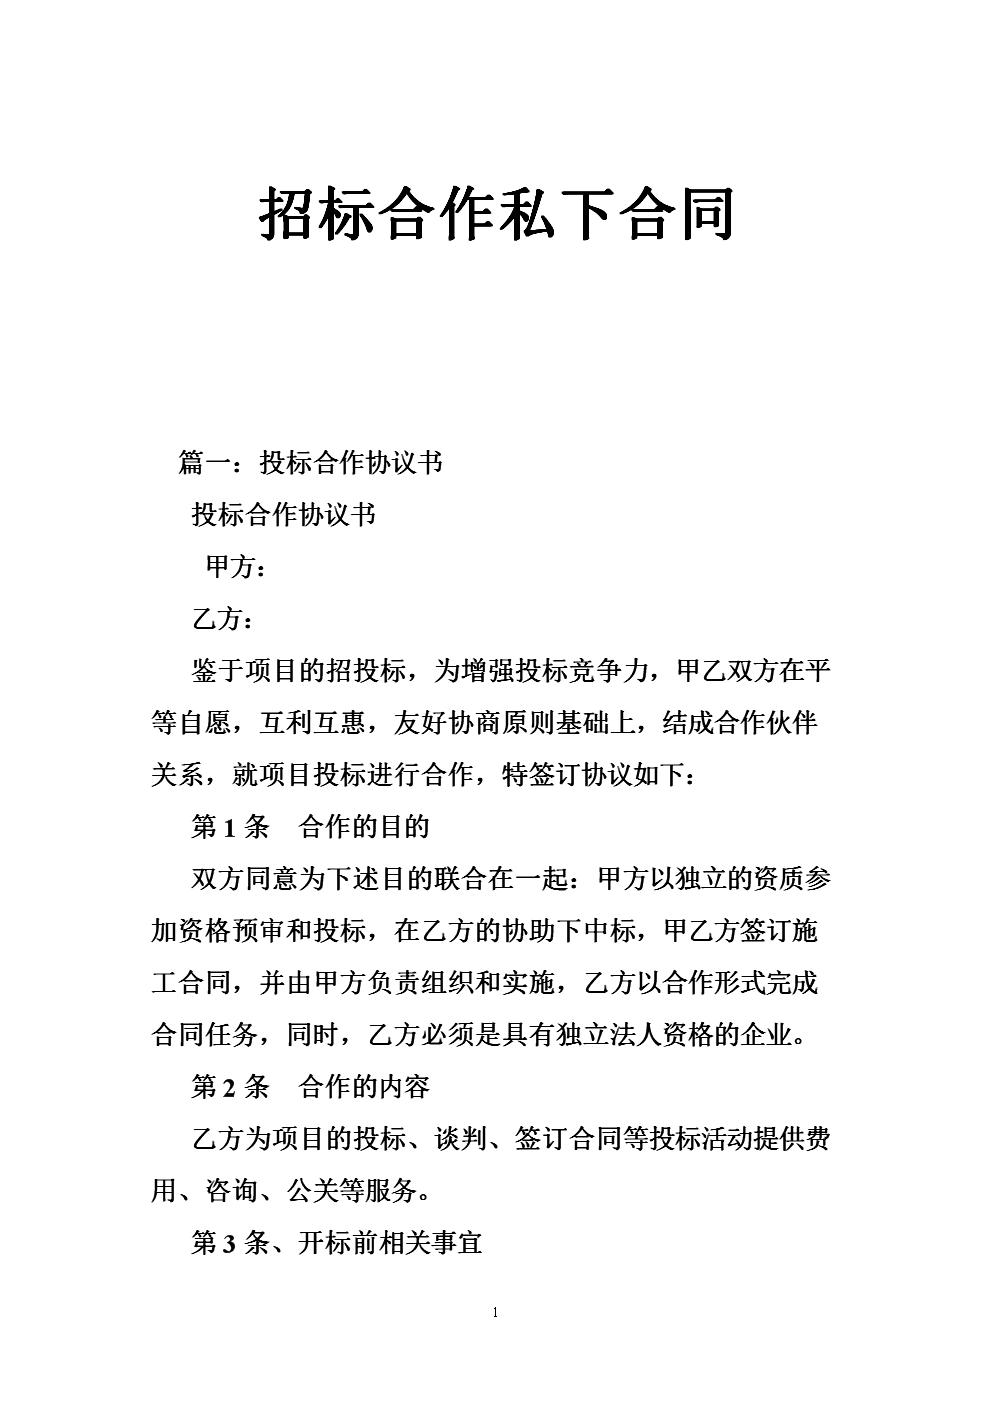 招标合作私下合同.doc